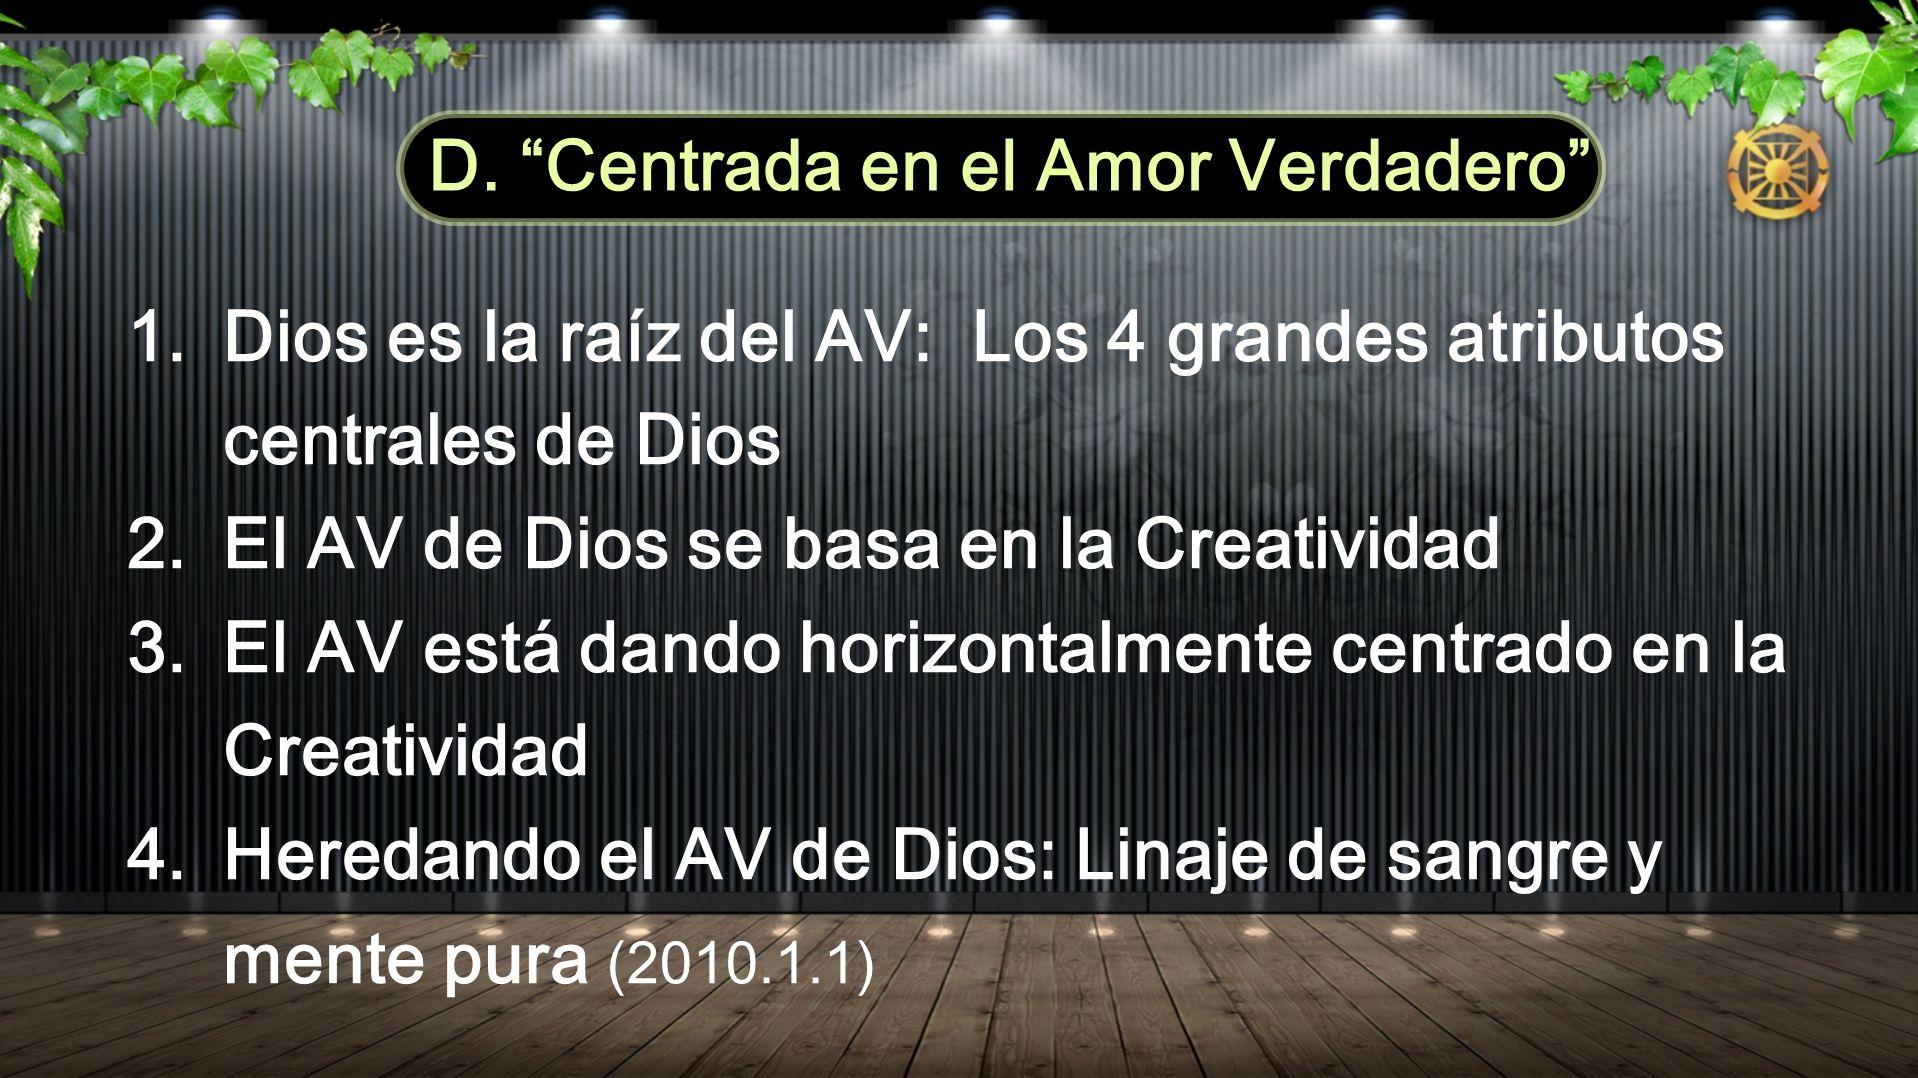 1.Dios es la raíz del AV: Los 4 grandes atributos centrales de Dios 2.El AV de Dios se basa en la Creatividad 3.El AV está dando horizontalmente centrado en la Creatividad 4.Heredando el AV de Dios: Linaje de sangre y mente pura (2010.1.1) D.